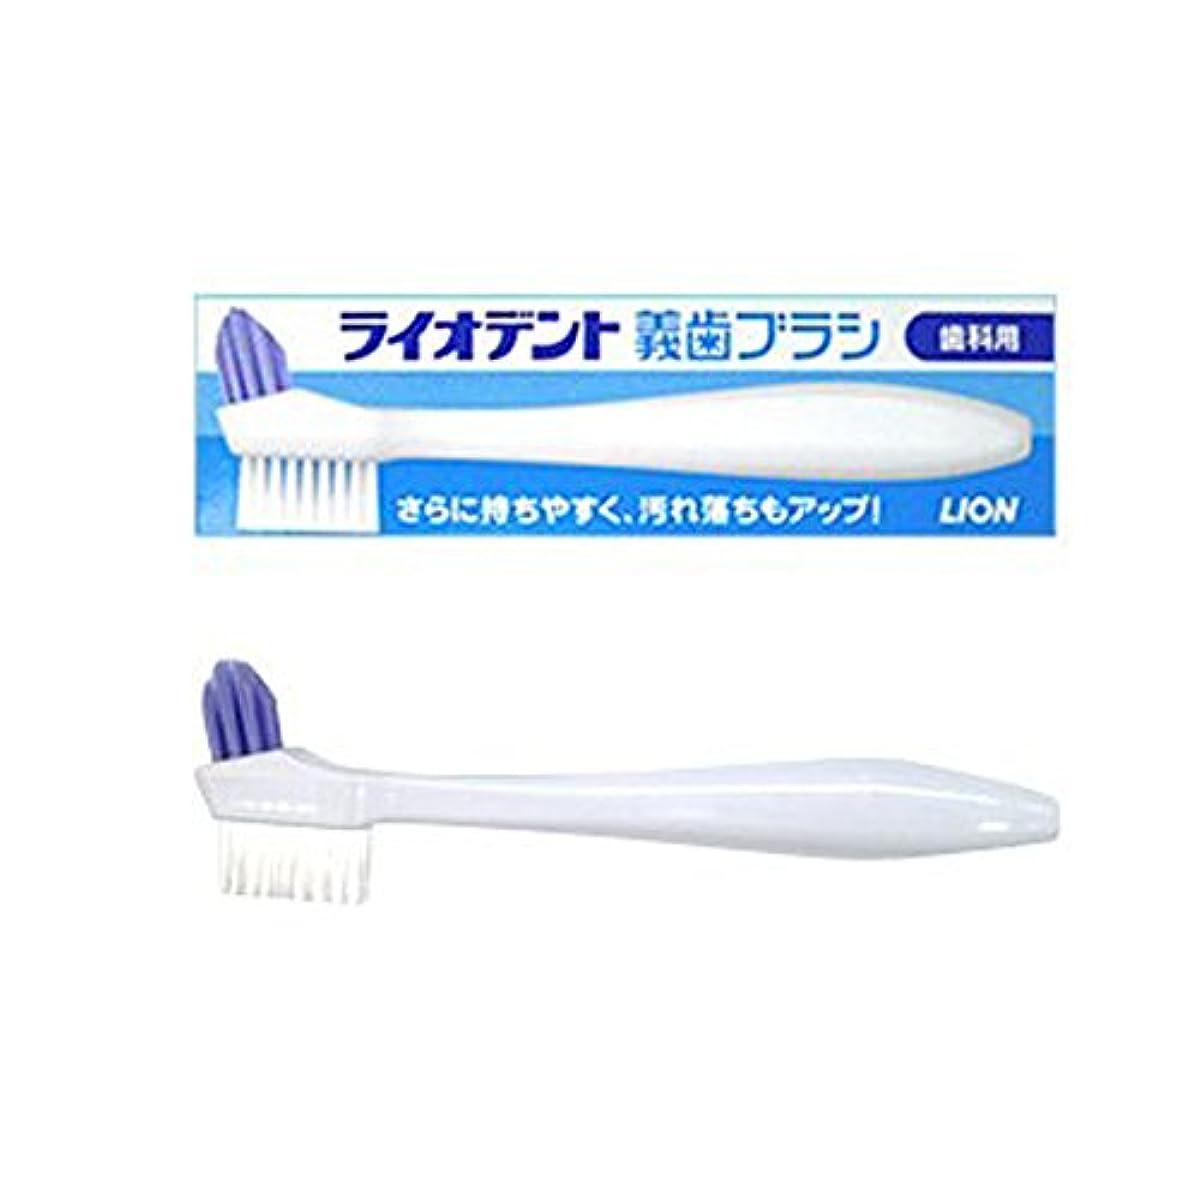 夢中解くエゴイズムライオデント義歯ブラシ 1本